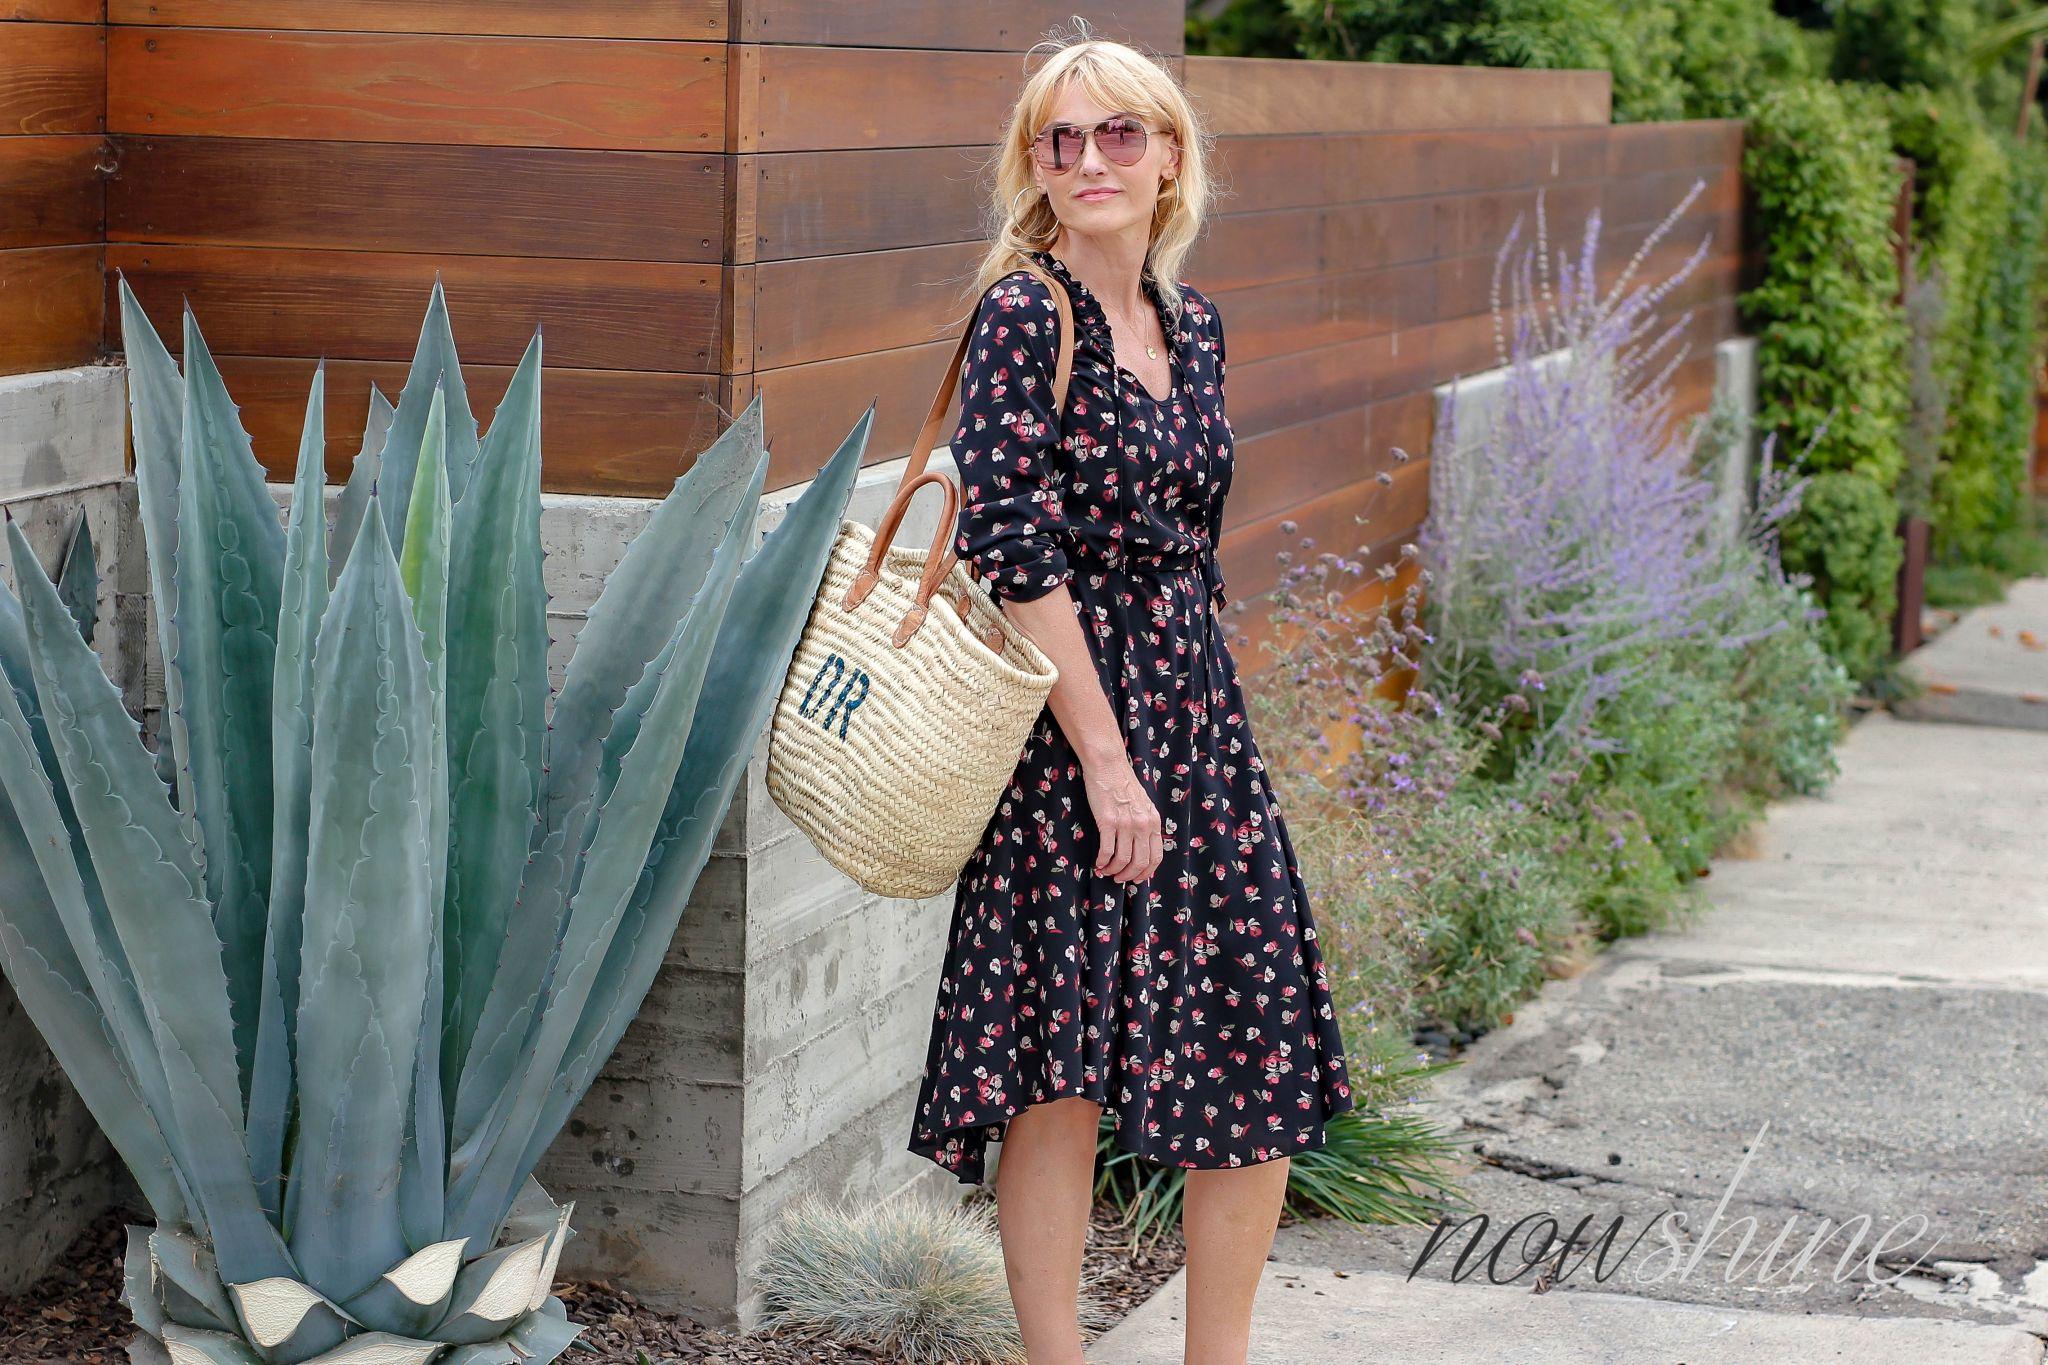 f9011fe3df1605 Venice Kalifornien - Nowshine ü 40 Reiseblog Save. Aus dem WENZ Katalog -  Kleid mit Blumen in ...